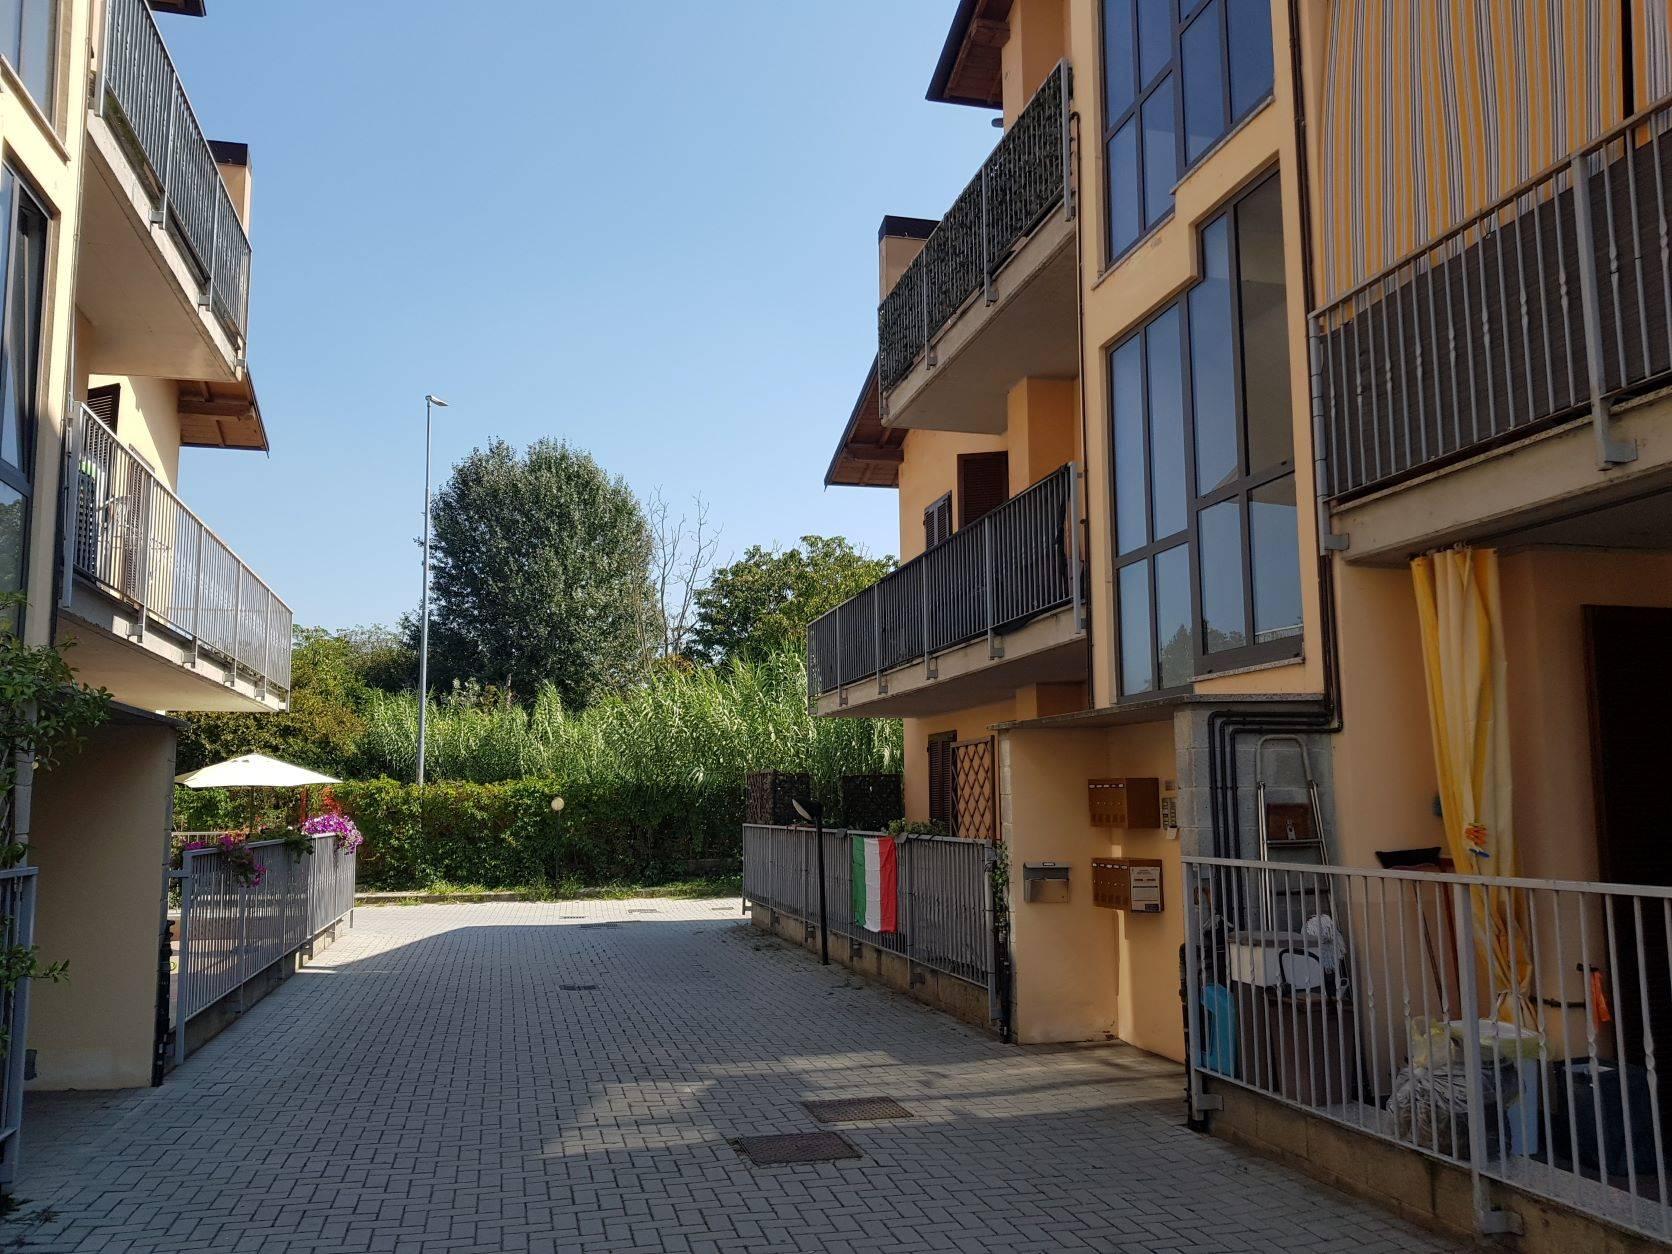 Appartamento in affitto a Vigevano, 2 locali, prezzo € 450 | PortaleAgenzieImmobiliari.it